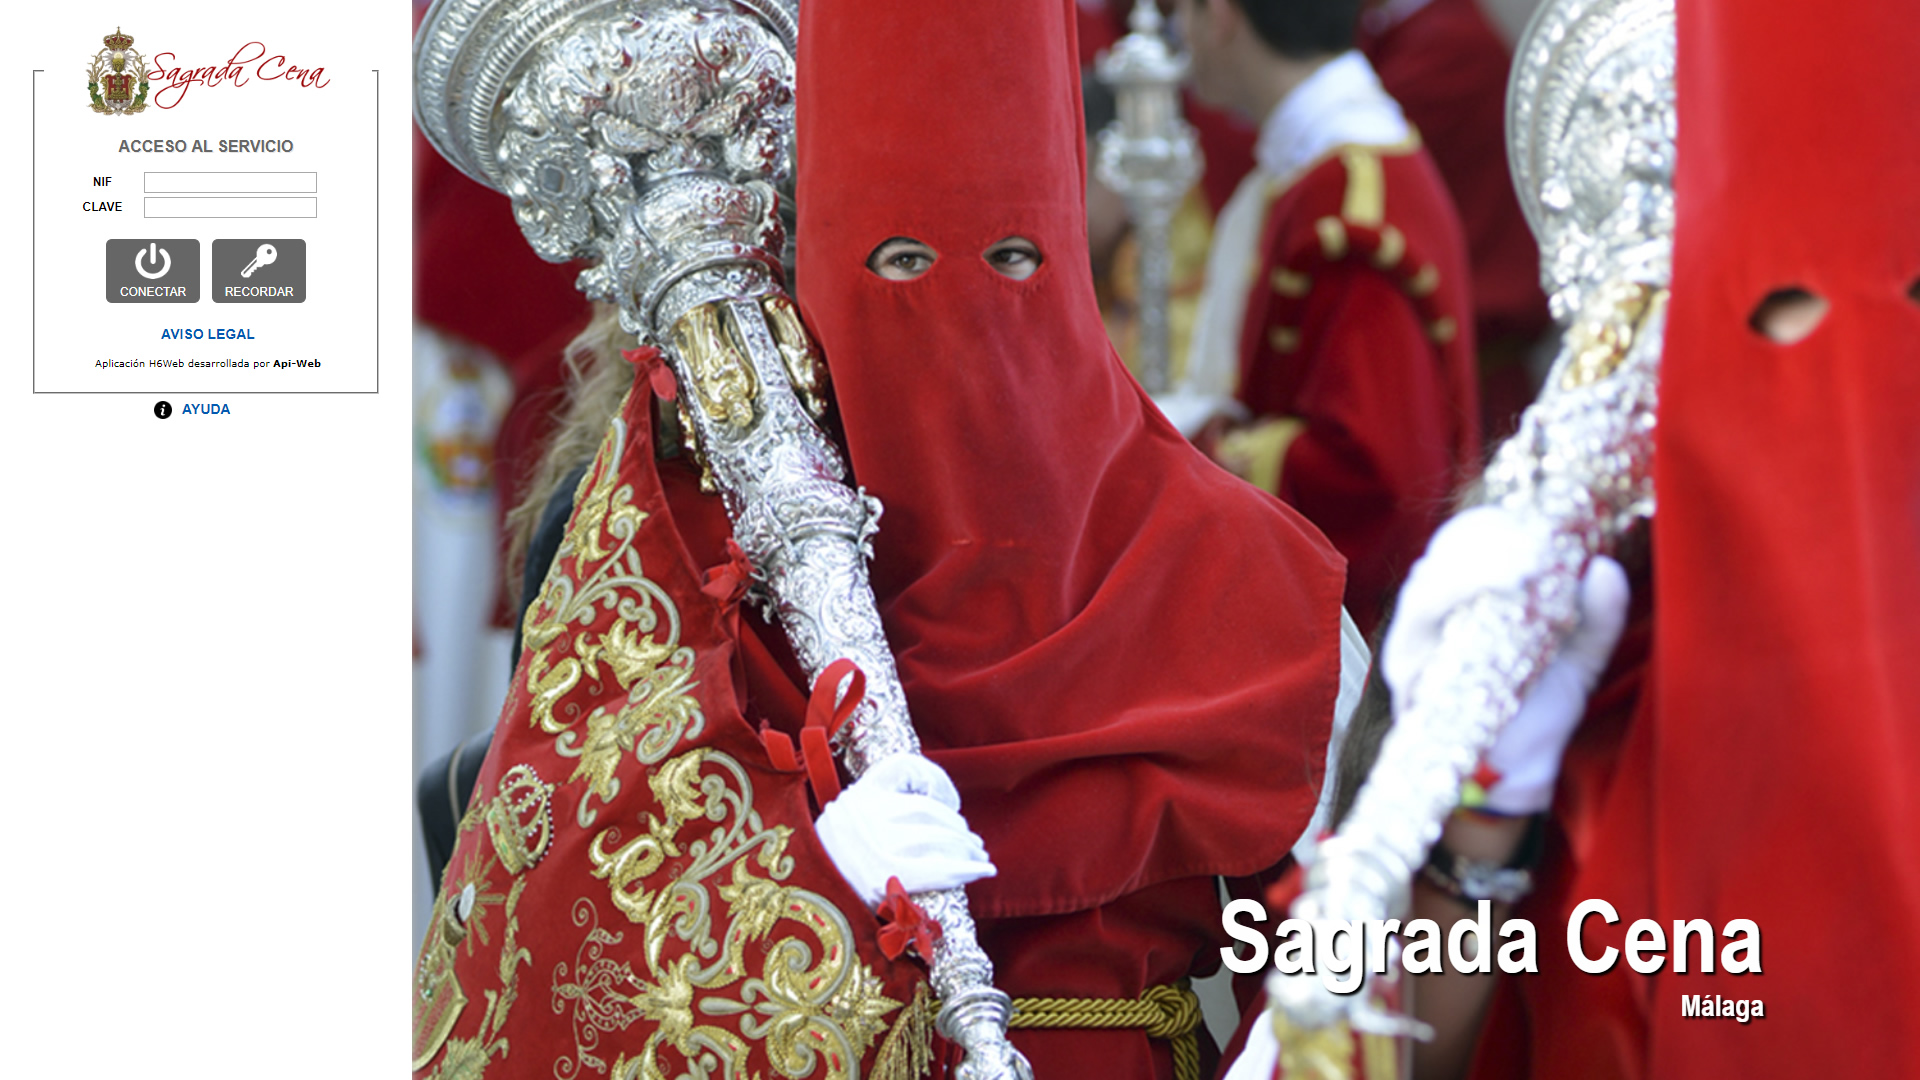 Hermandad de la Sagrada Cena (Málaga)